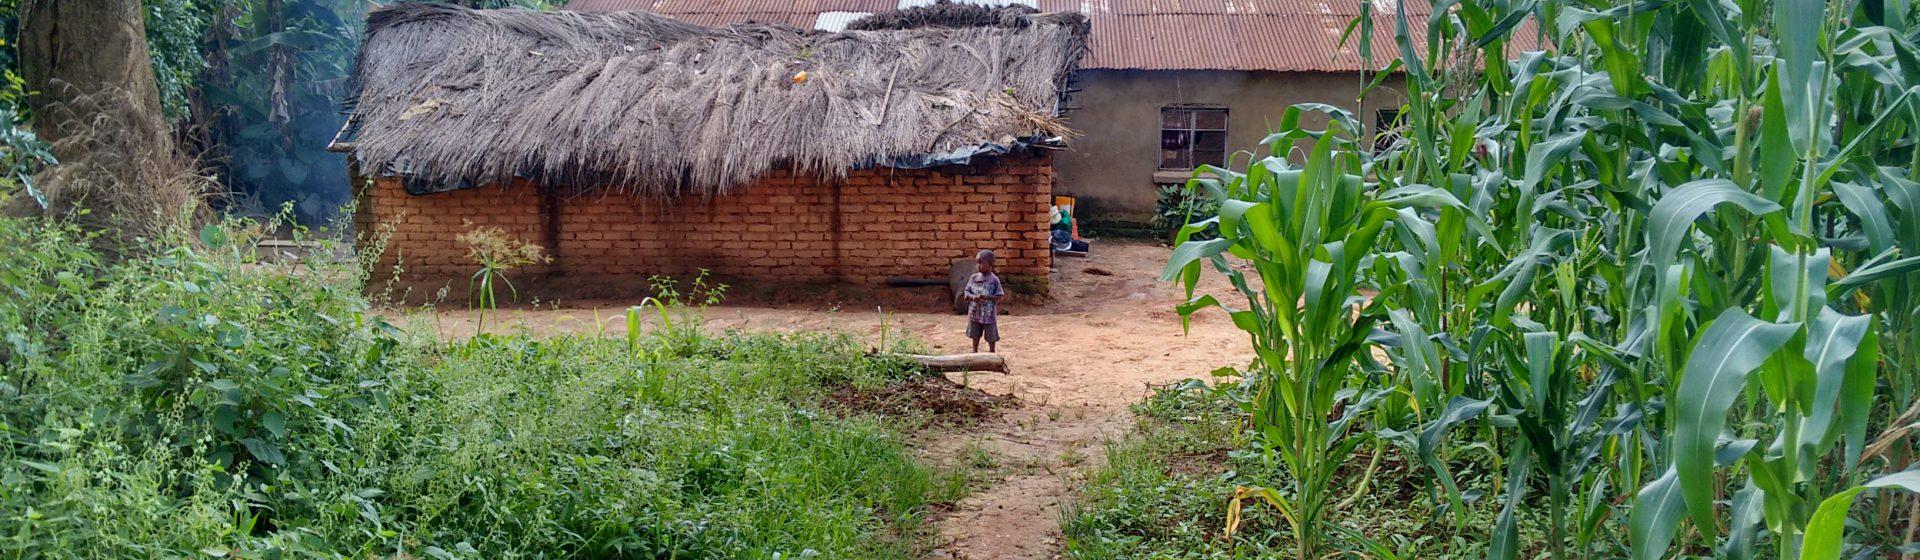 Stichting Steun Malawi